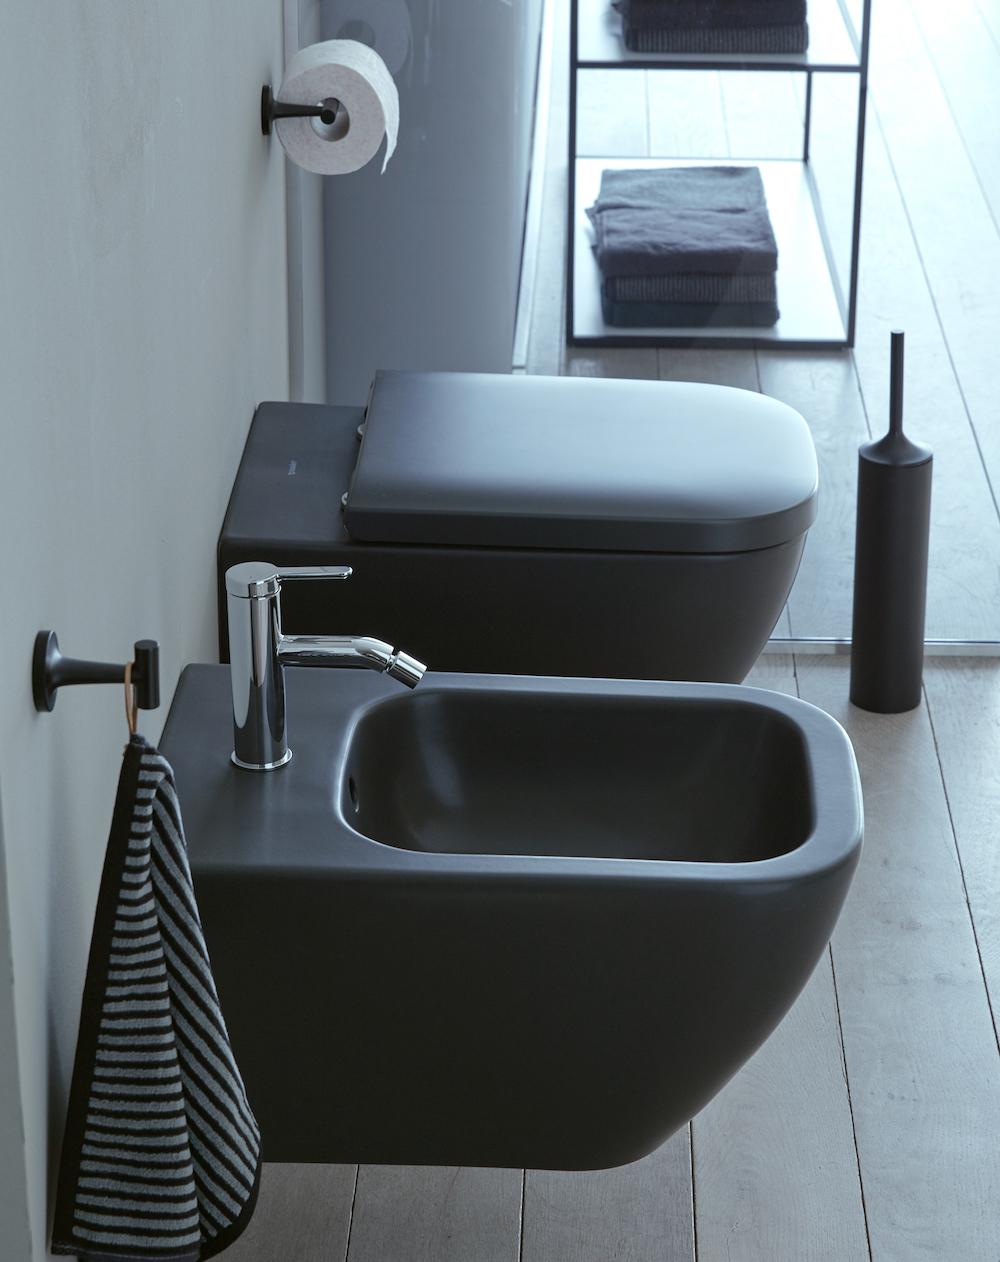 Badkamertrend! Badkamer in zwart wit via Sanidrome. Stijlvol zwart toilet en bidet Happy D2 van Duravit #sanidrome #badkamer #badkamertrend #badkameridee #badkamerinspiratie #zwartwit #toilet #happyd2 #duravit